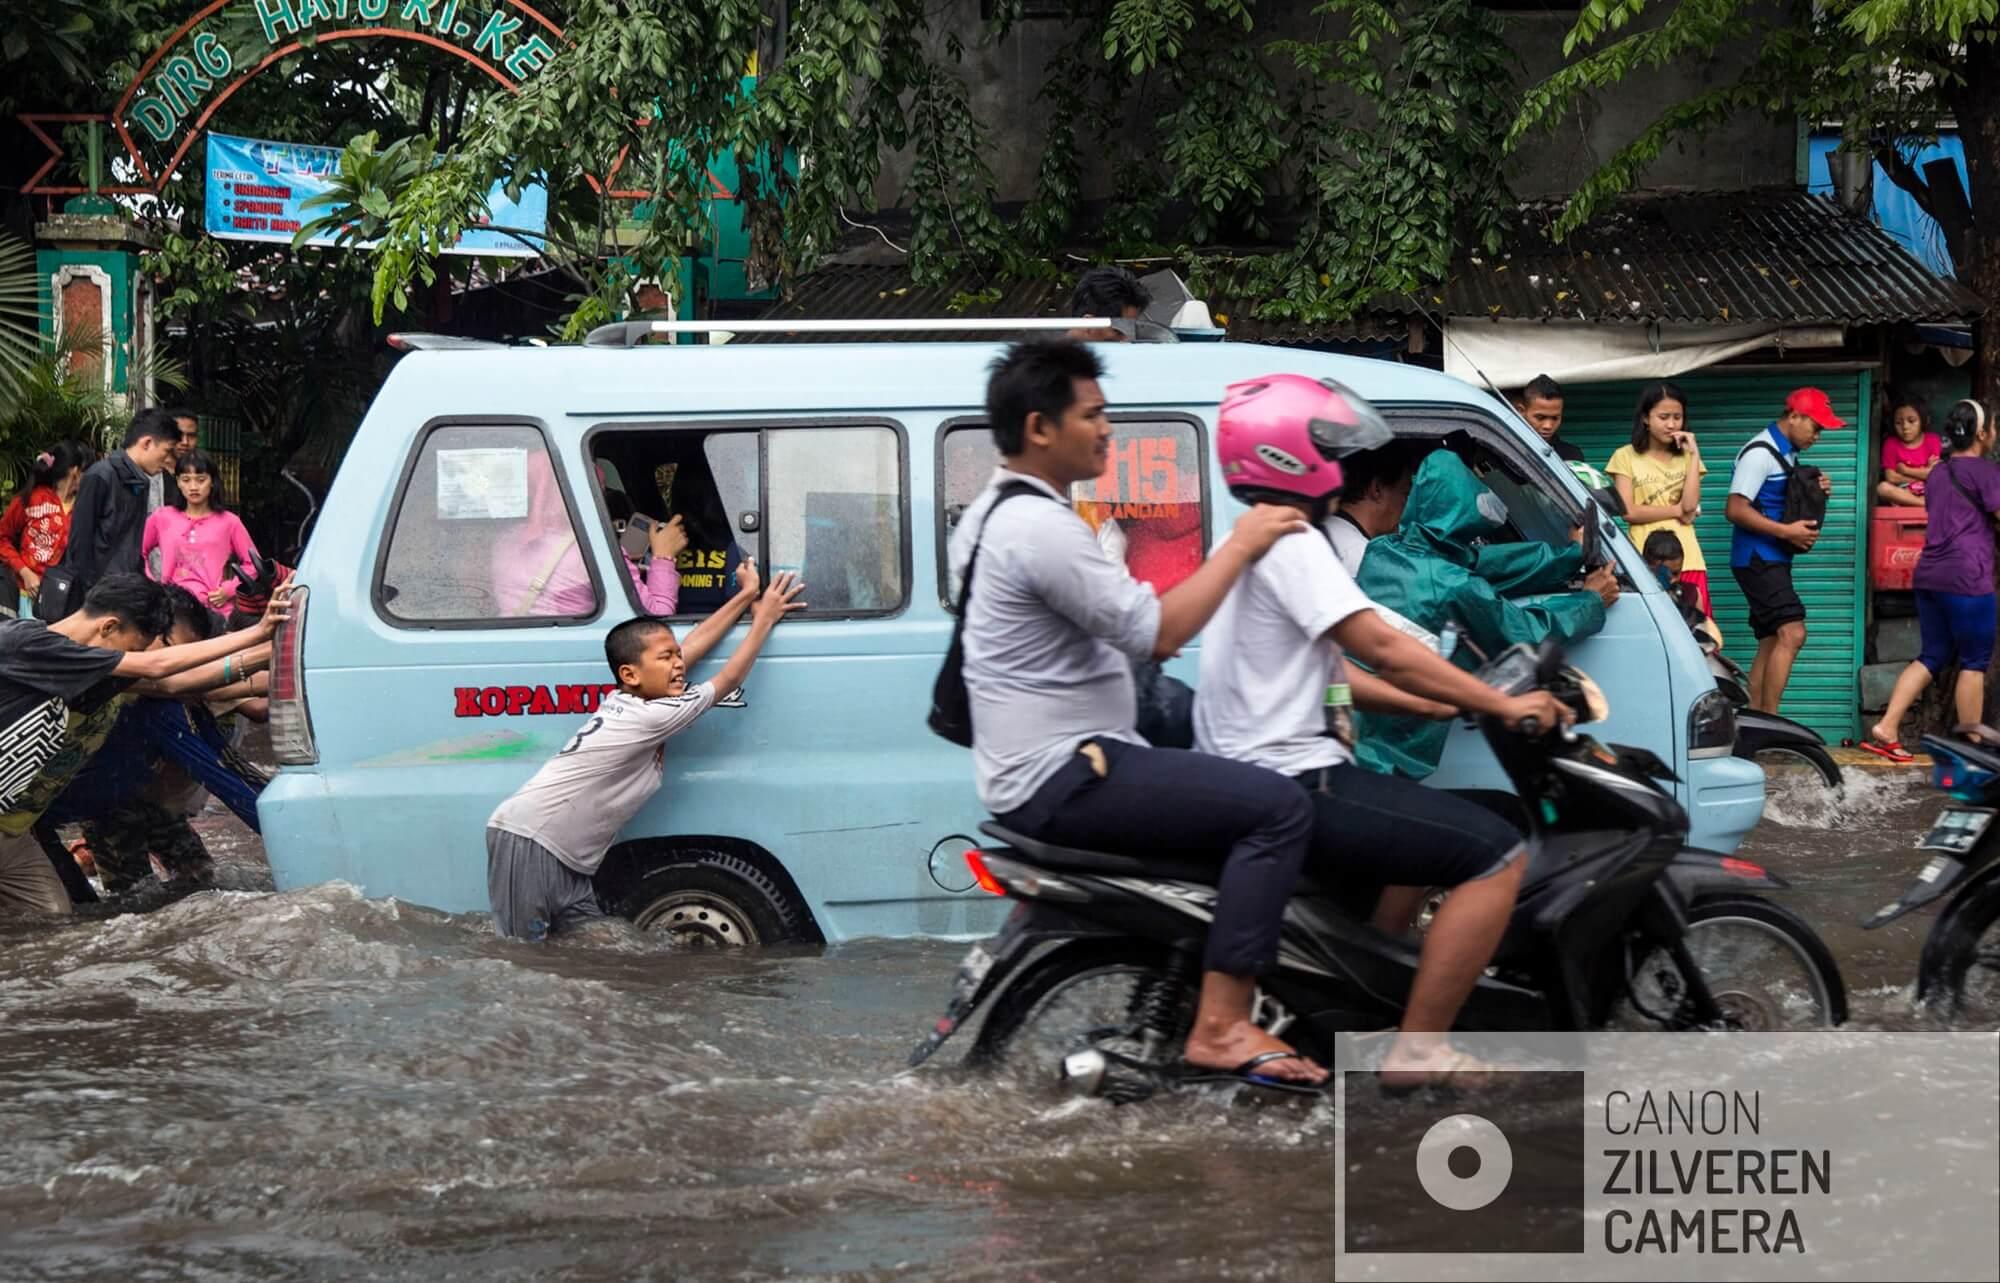 Jakarta zinkt snel, tussen 10-25 centimeter per jaar. Wanneer niets wordt gedaan zal de stad over 20-3- jaar voor een derde permanent onder water staan. Veel water gerelateerde problemen worden toegeschreven aan klimaatverandering en de verwachte zeespiegelstijging die daarmee samenhangt. Bodemdaling is onbekend en zal de absolute zeespiegelstijging tot een factor 10 overschrijden. Jakarta vertrouwd op een oude zeewering om de stad te beschermen tegen zee. Echter door bodemdaling zinkt deze muur snel weg in de grond en biedt weinig bescherming tegen het water. Zware regenval en een hoge rivierwater stand zorgen nu al voor problemen: de stad is veranderd in een omgekeerd aquarium. De zee is niet meer het laagste punt, het water kan nergens meer heen.Februari is het hoogte punt van de regentijd. Intense regenval, een gebrek aan een fatsoenlijk drainage system en bodemdaling veroorzaken ernstige overstromingen. Serie gemaakt tussen 2015 en 2018